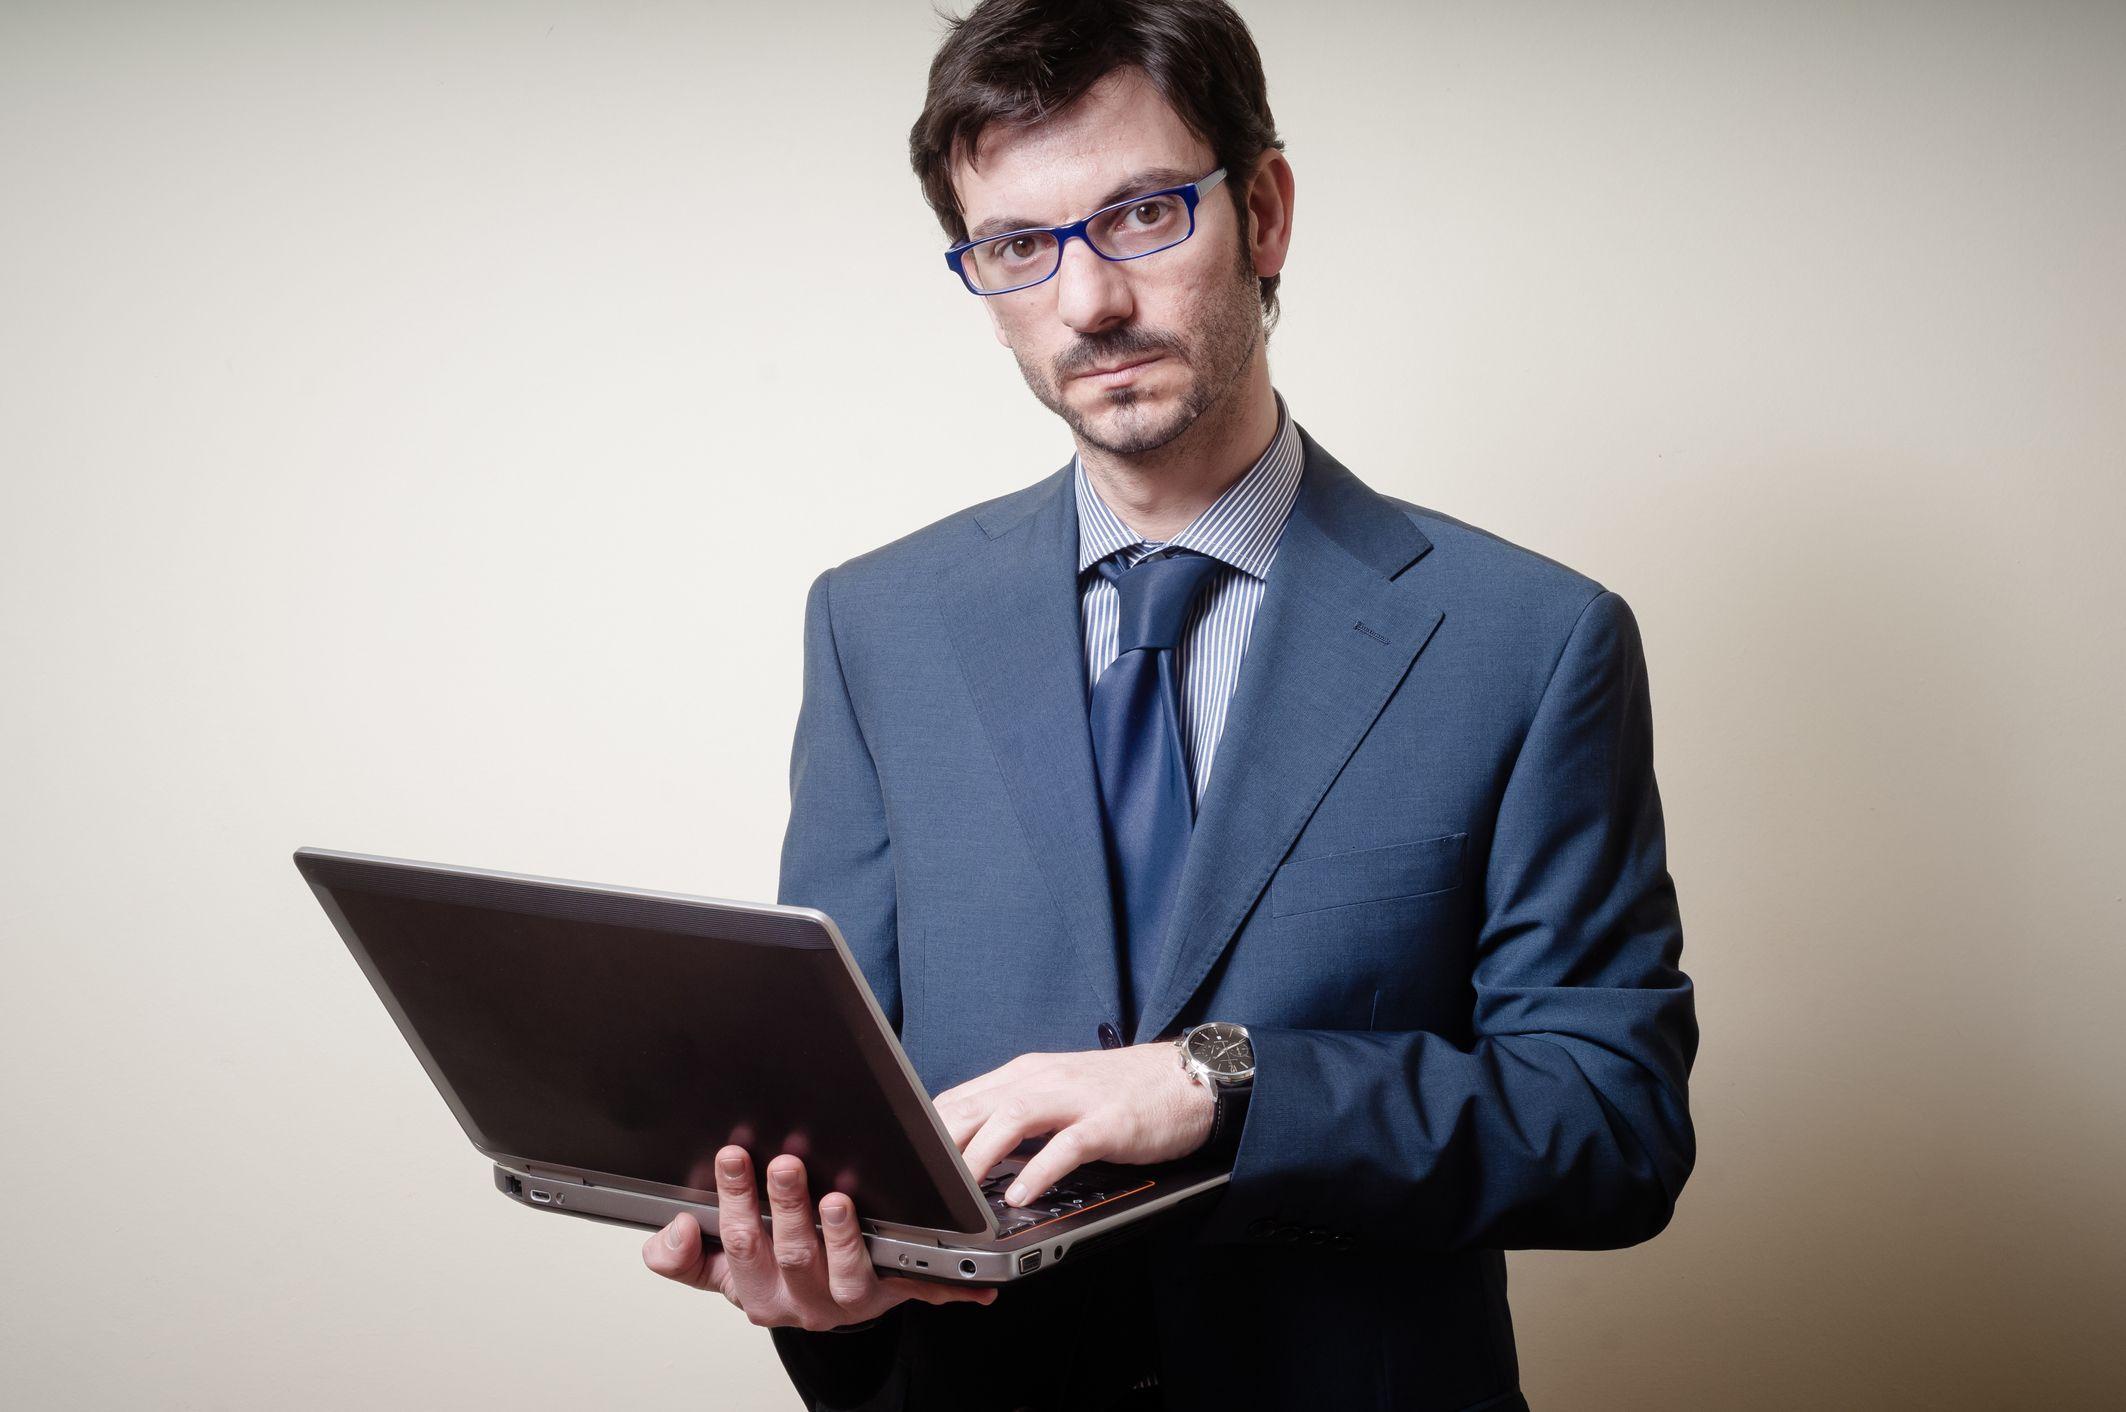 Przychody bez firmy – działalność nieewidencjonowana do 50% minimalnej pensji